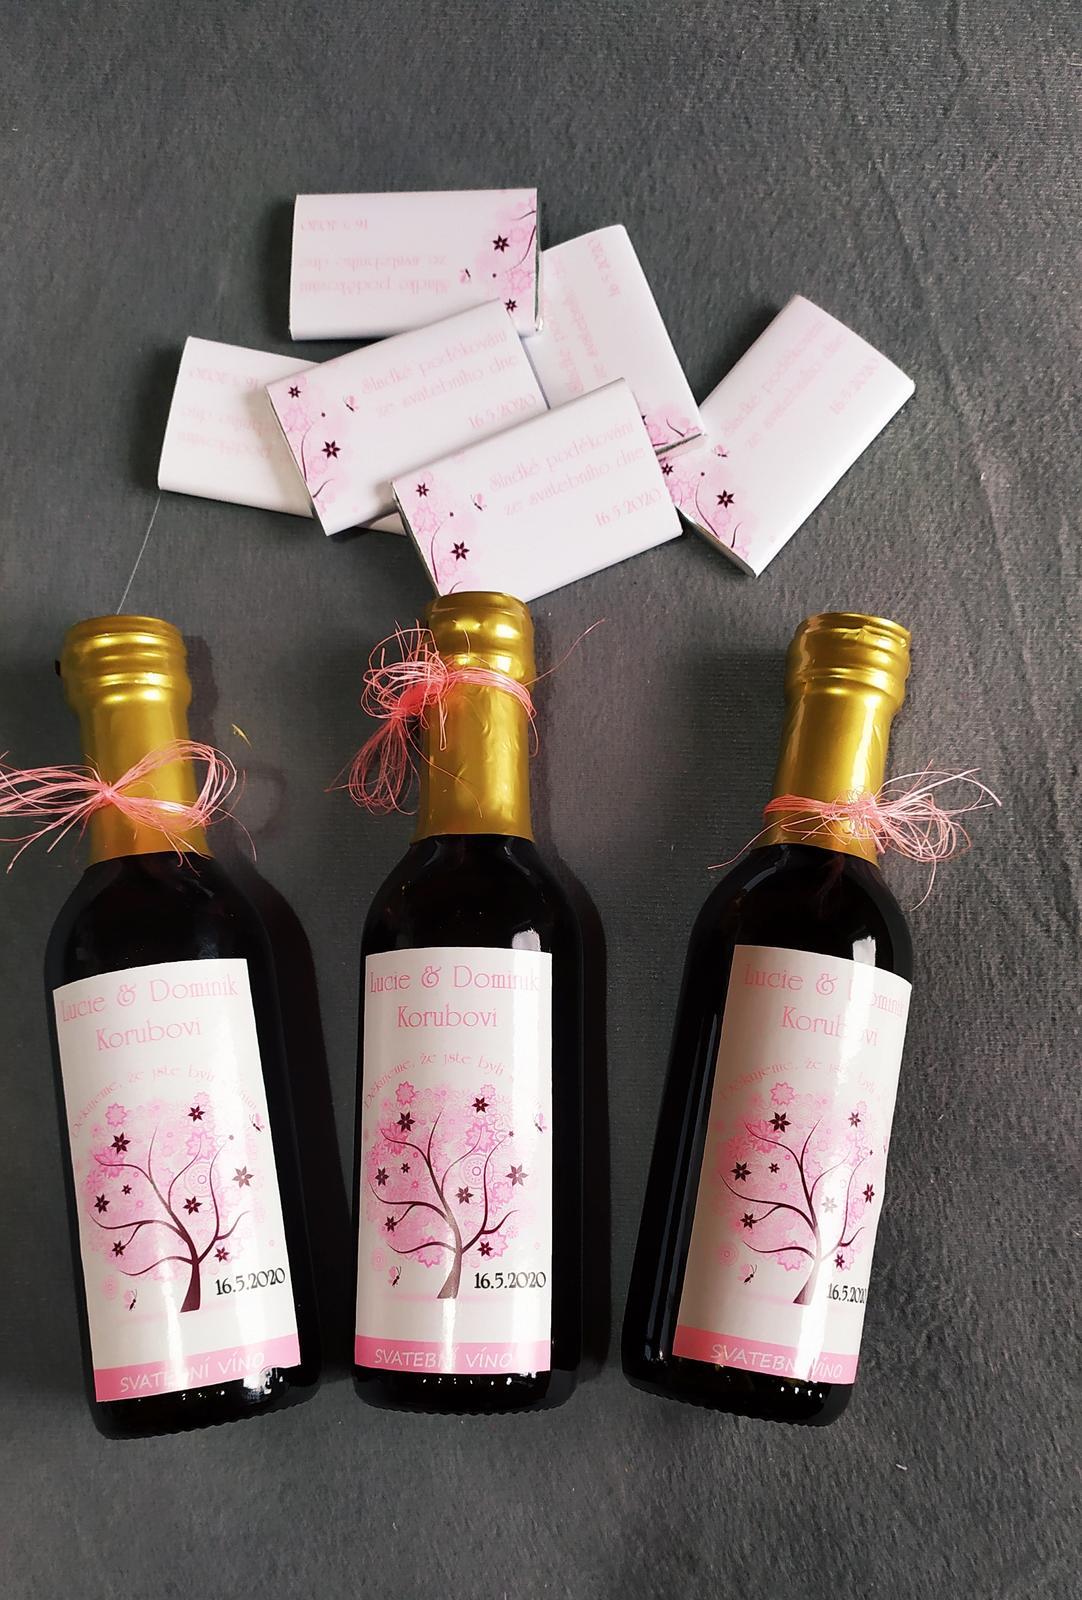 12.9.2020 ☺️ - Dárečky pro hosty...minivína a belgické čokoládky ☺️